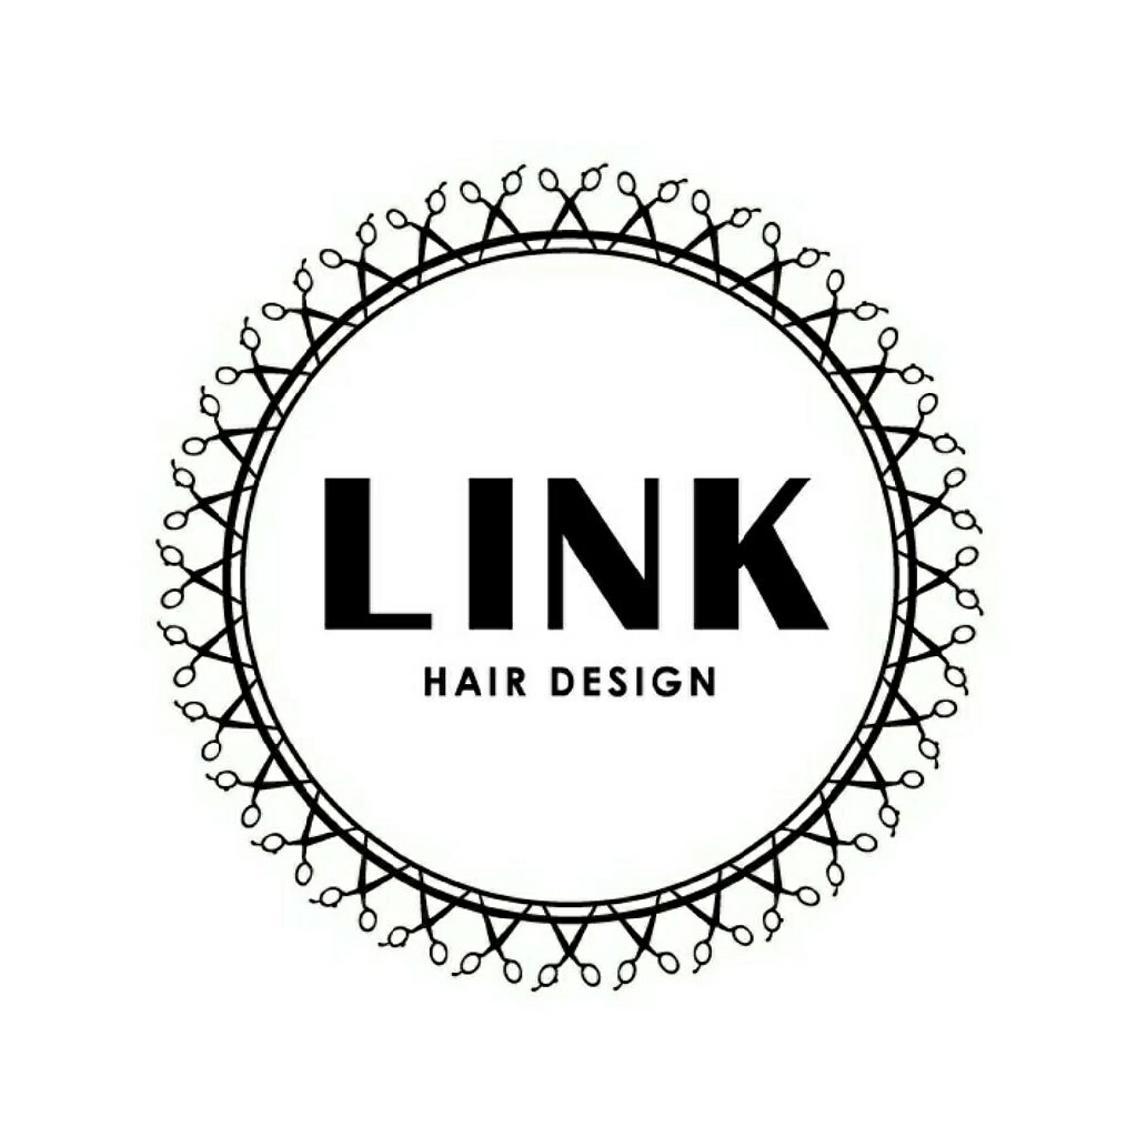 LINK HAIR DESIGN所属・LINKリンクの掲載